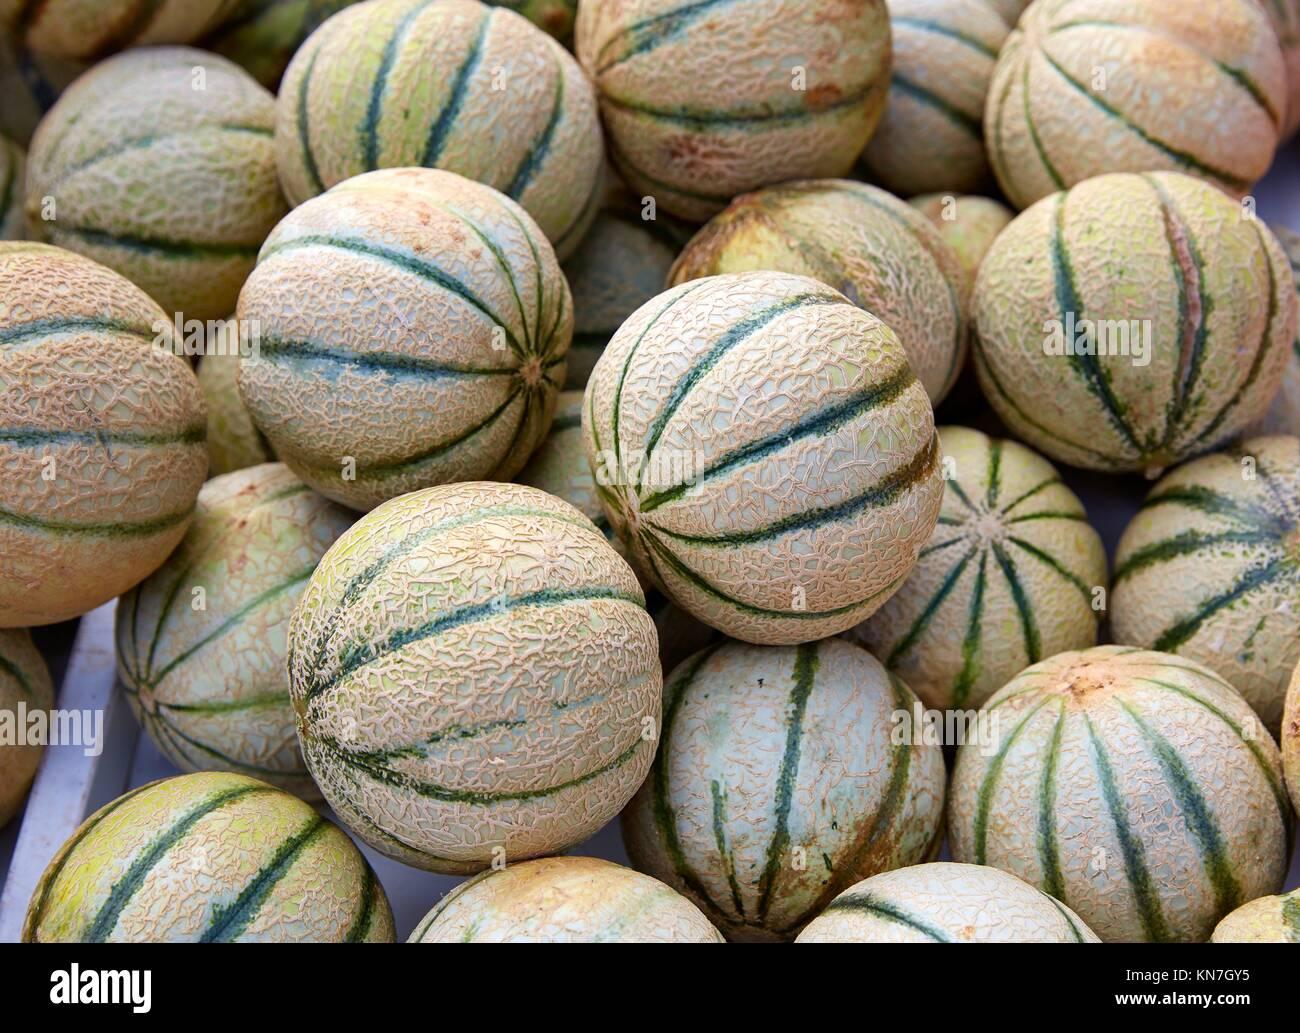 Les melons cantaloups au marché empilés. Photo Stock